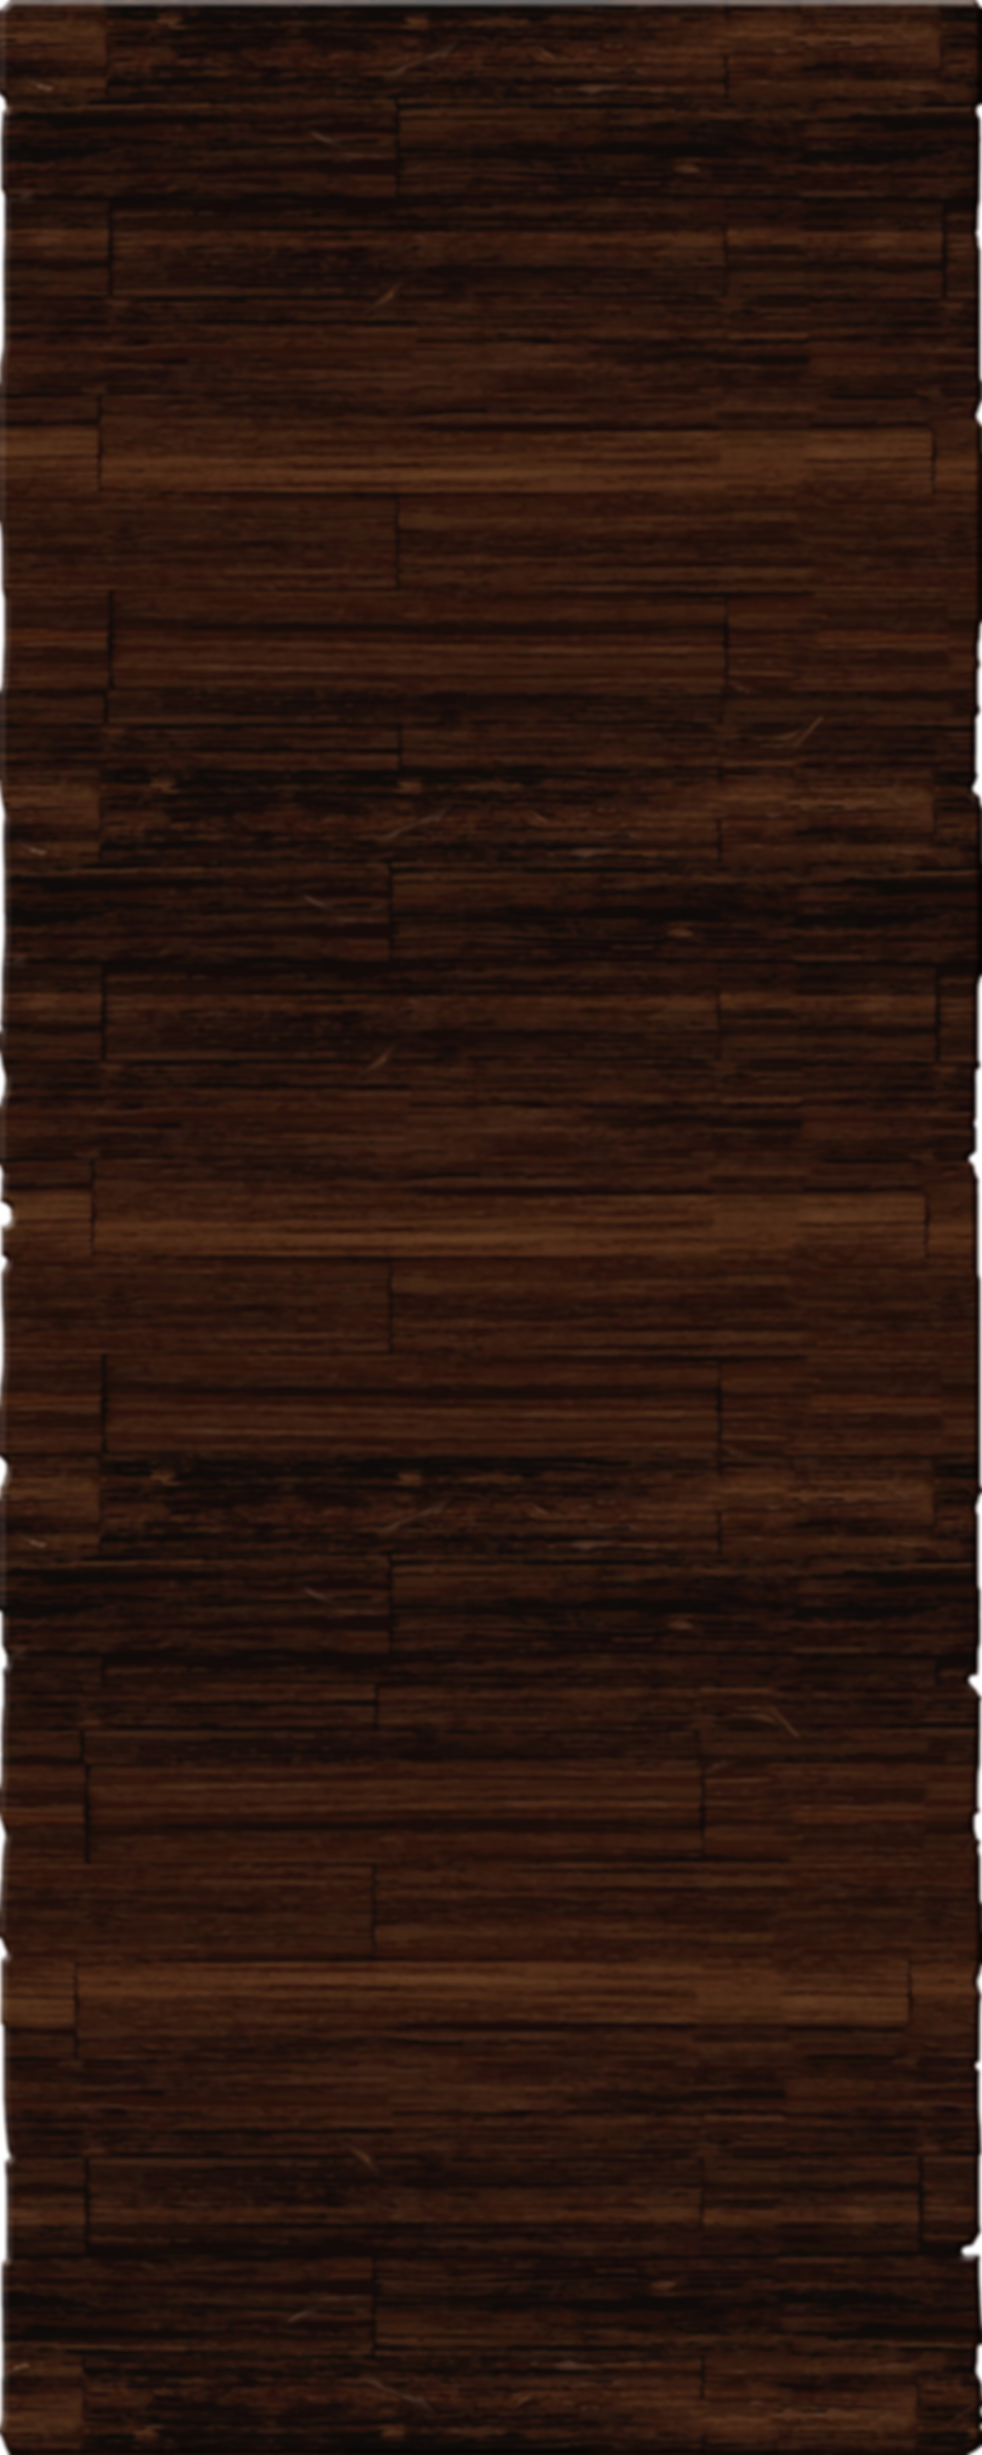 wood_1000x2500.png